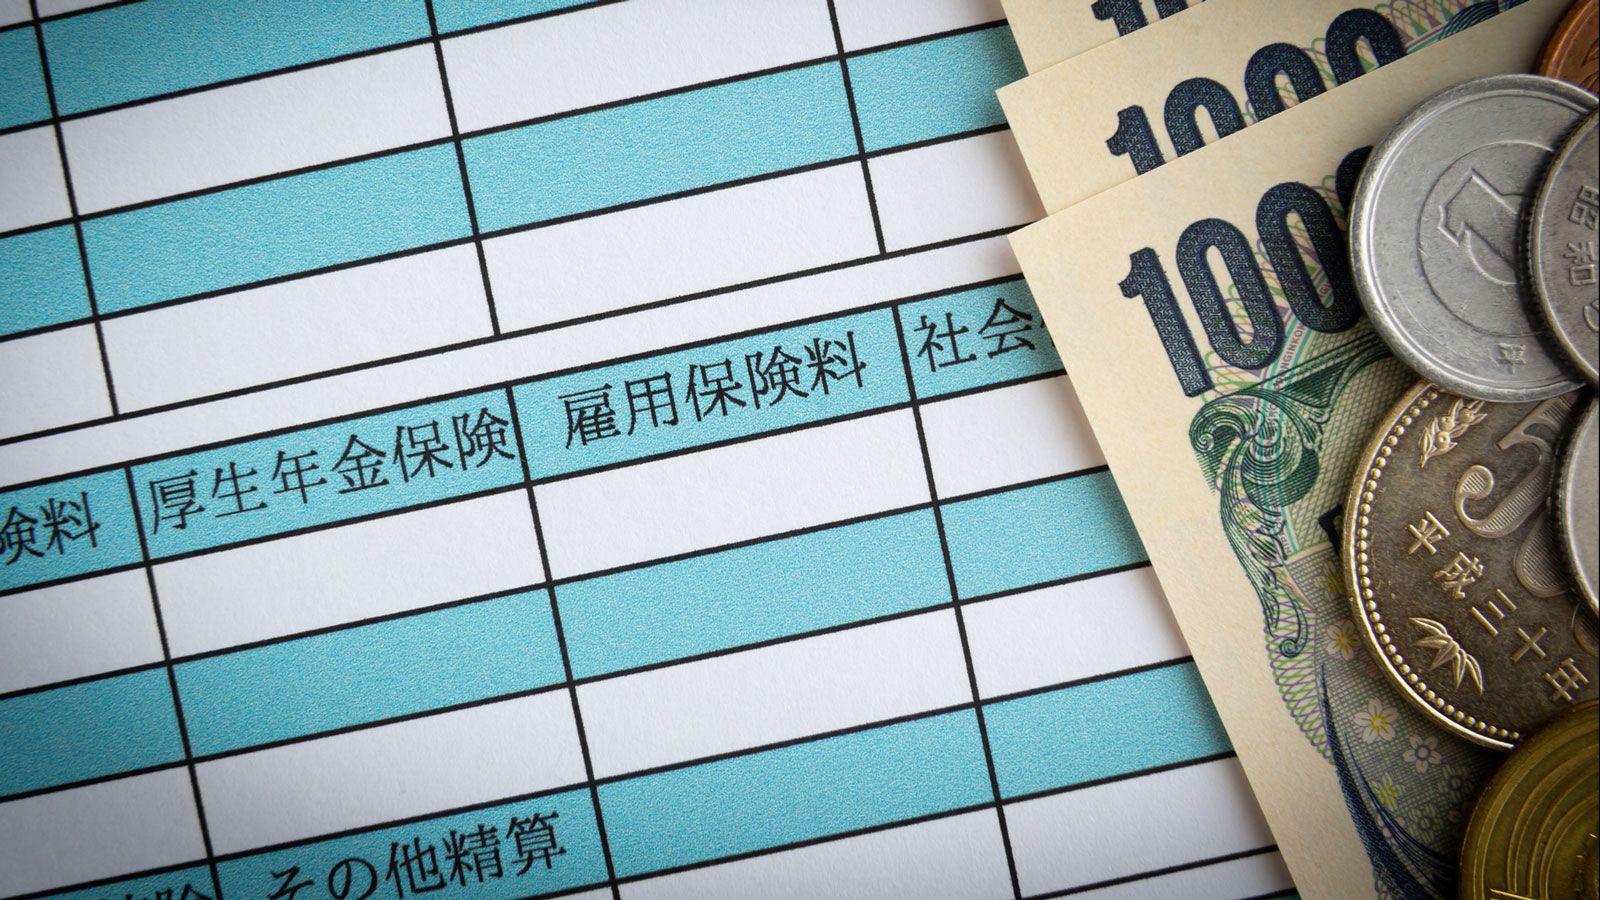 手当 コロナ 失業 失業手当の財源、ほぼ枯渇 コロナで支出膨張、負担増も:朝日新聞デジタル